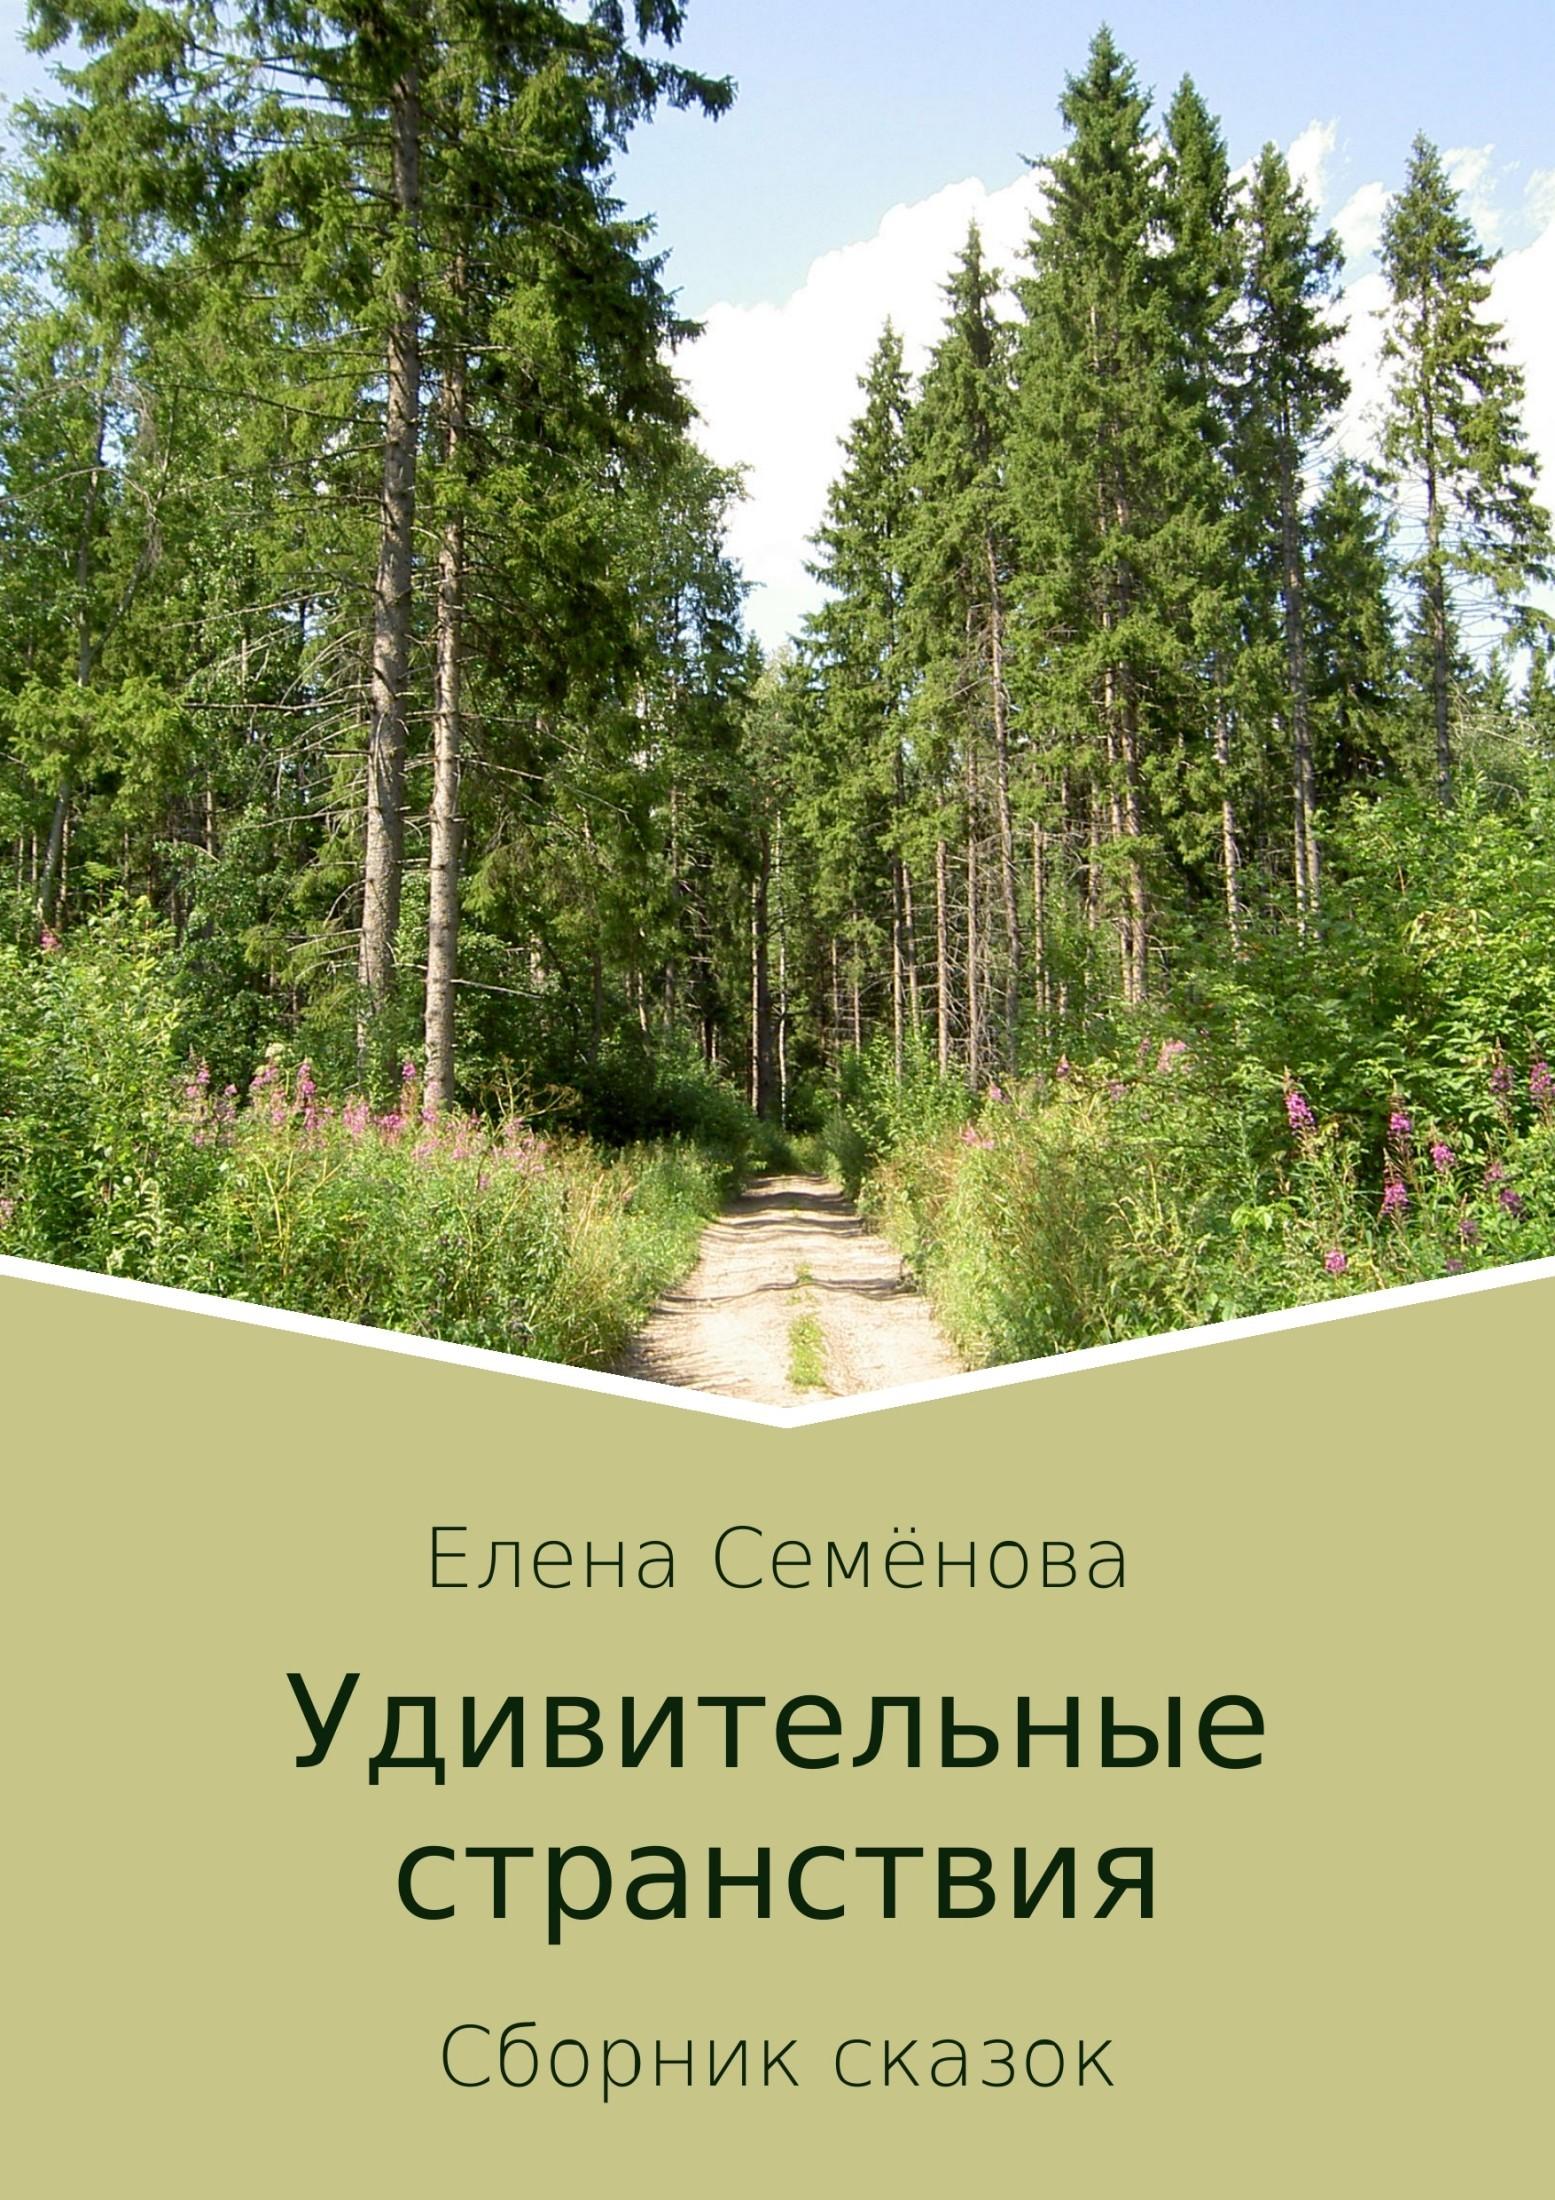 Елена Семёнова - Удивительные странствия. Сборник сказок